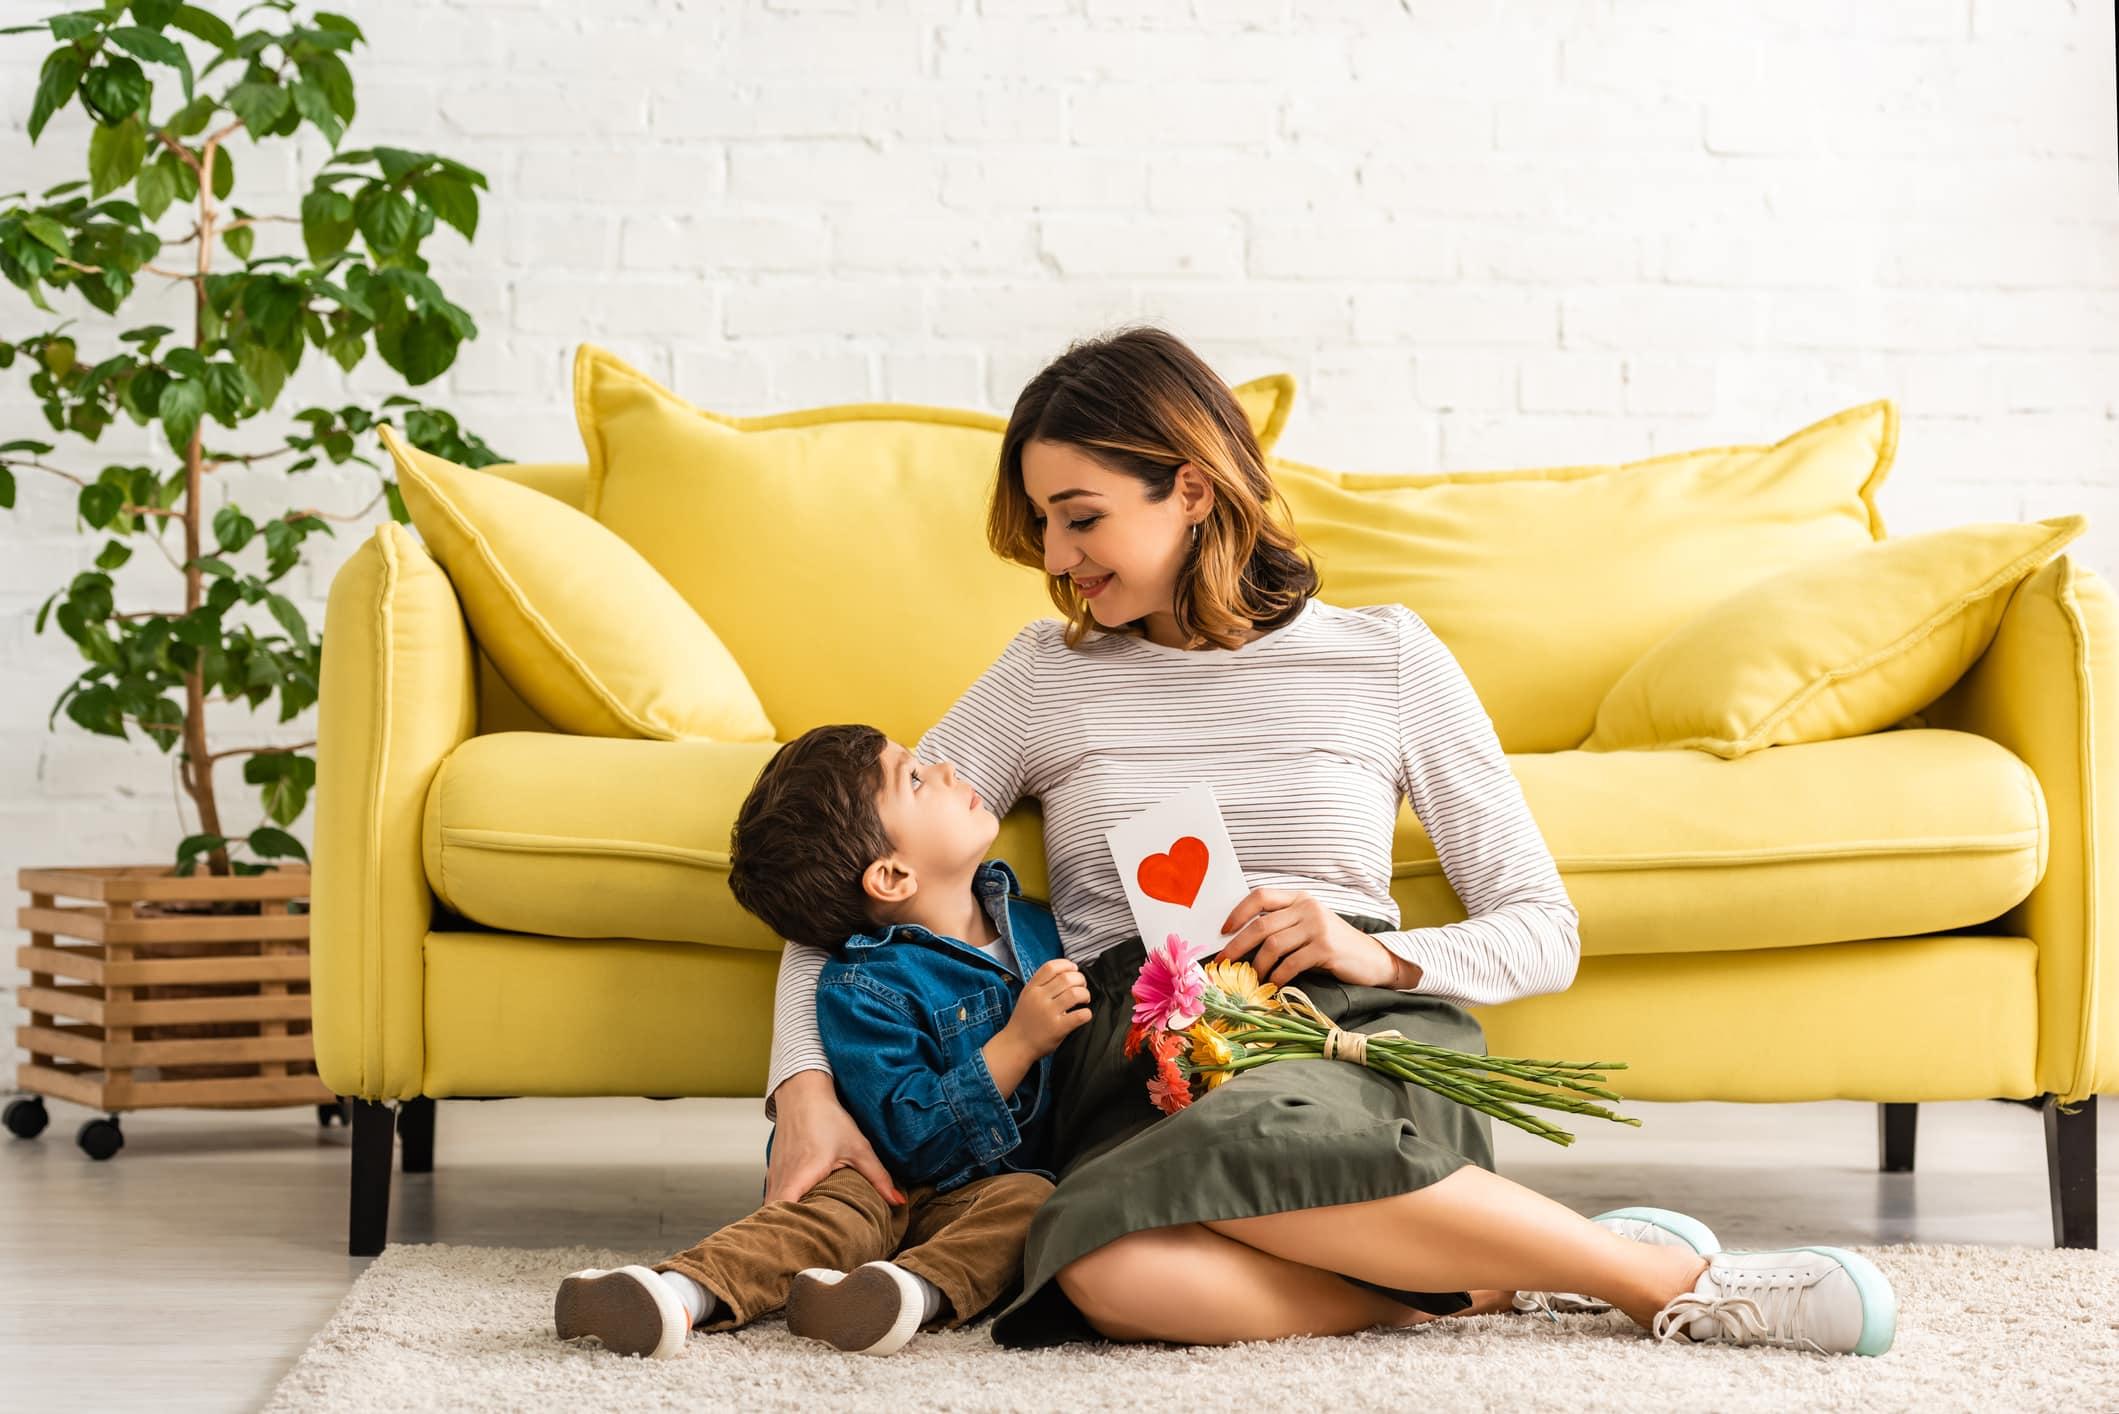 gülümseyen kadın, anneler günü kartı ve çiçeklerle katta otururken sevimli oğluna bakıyor